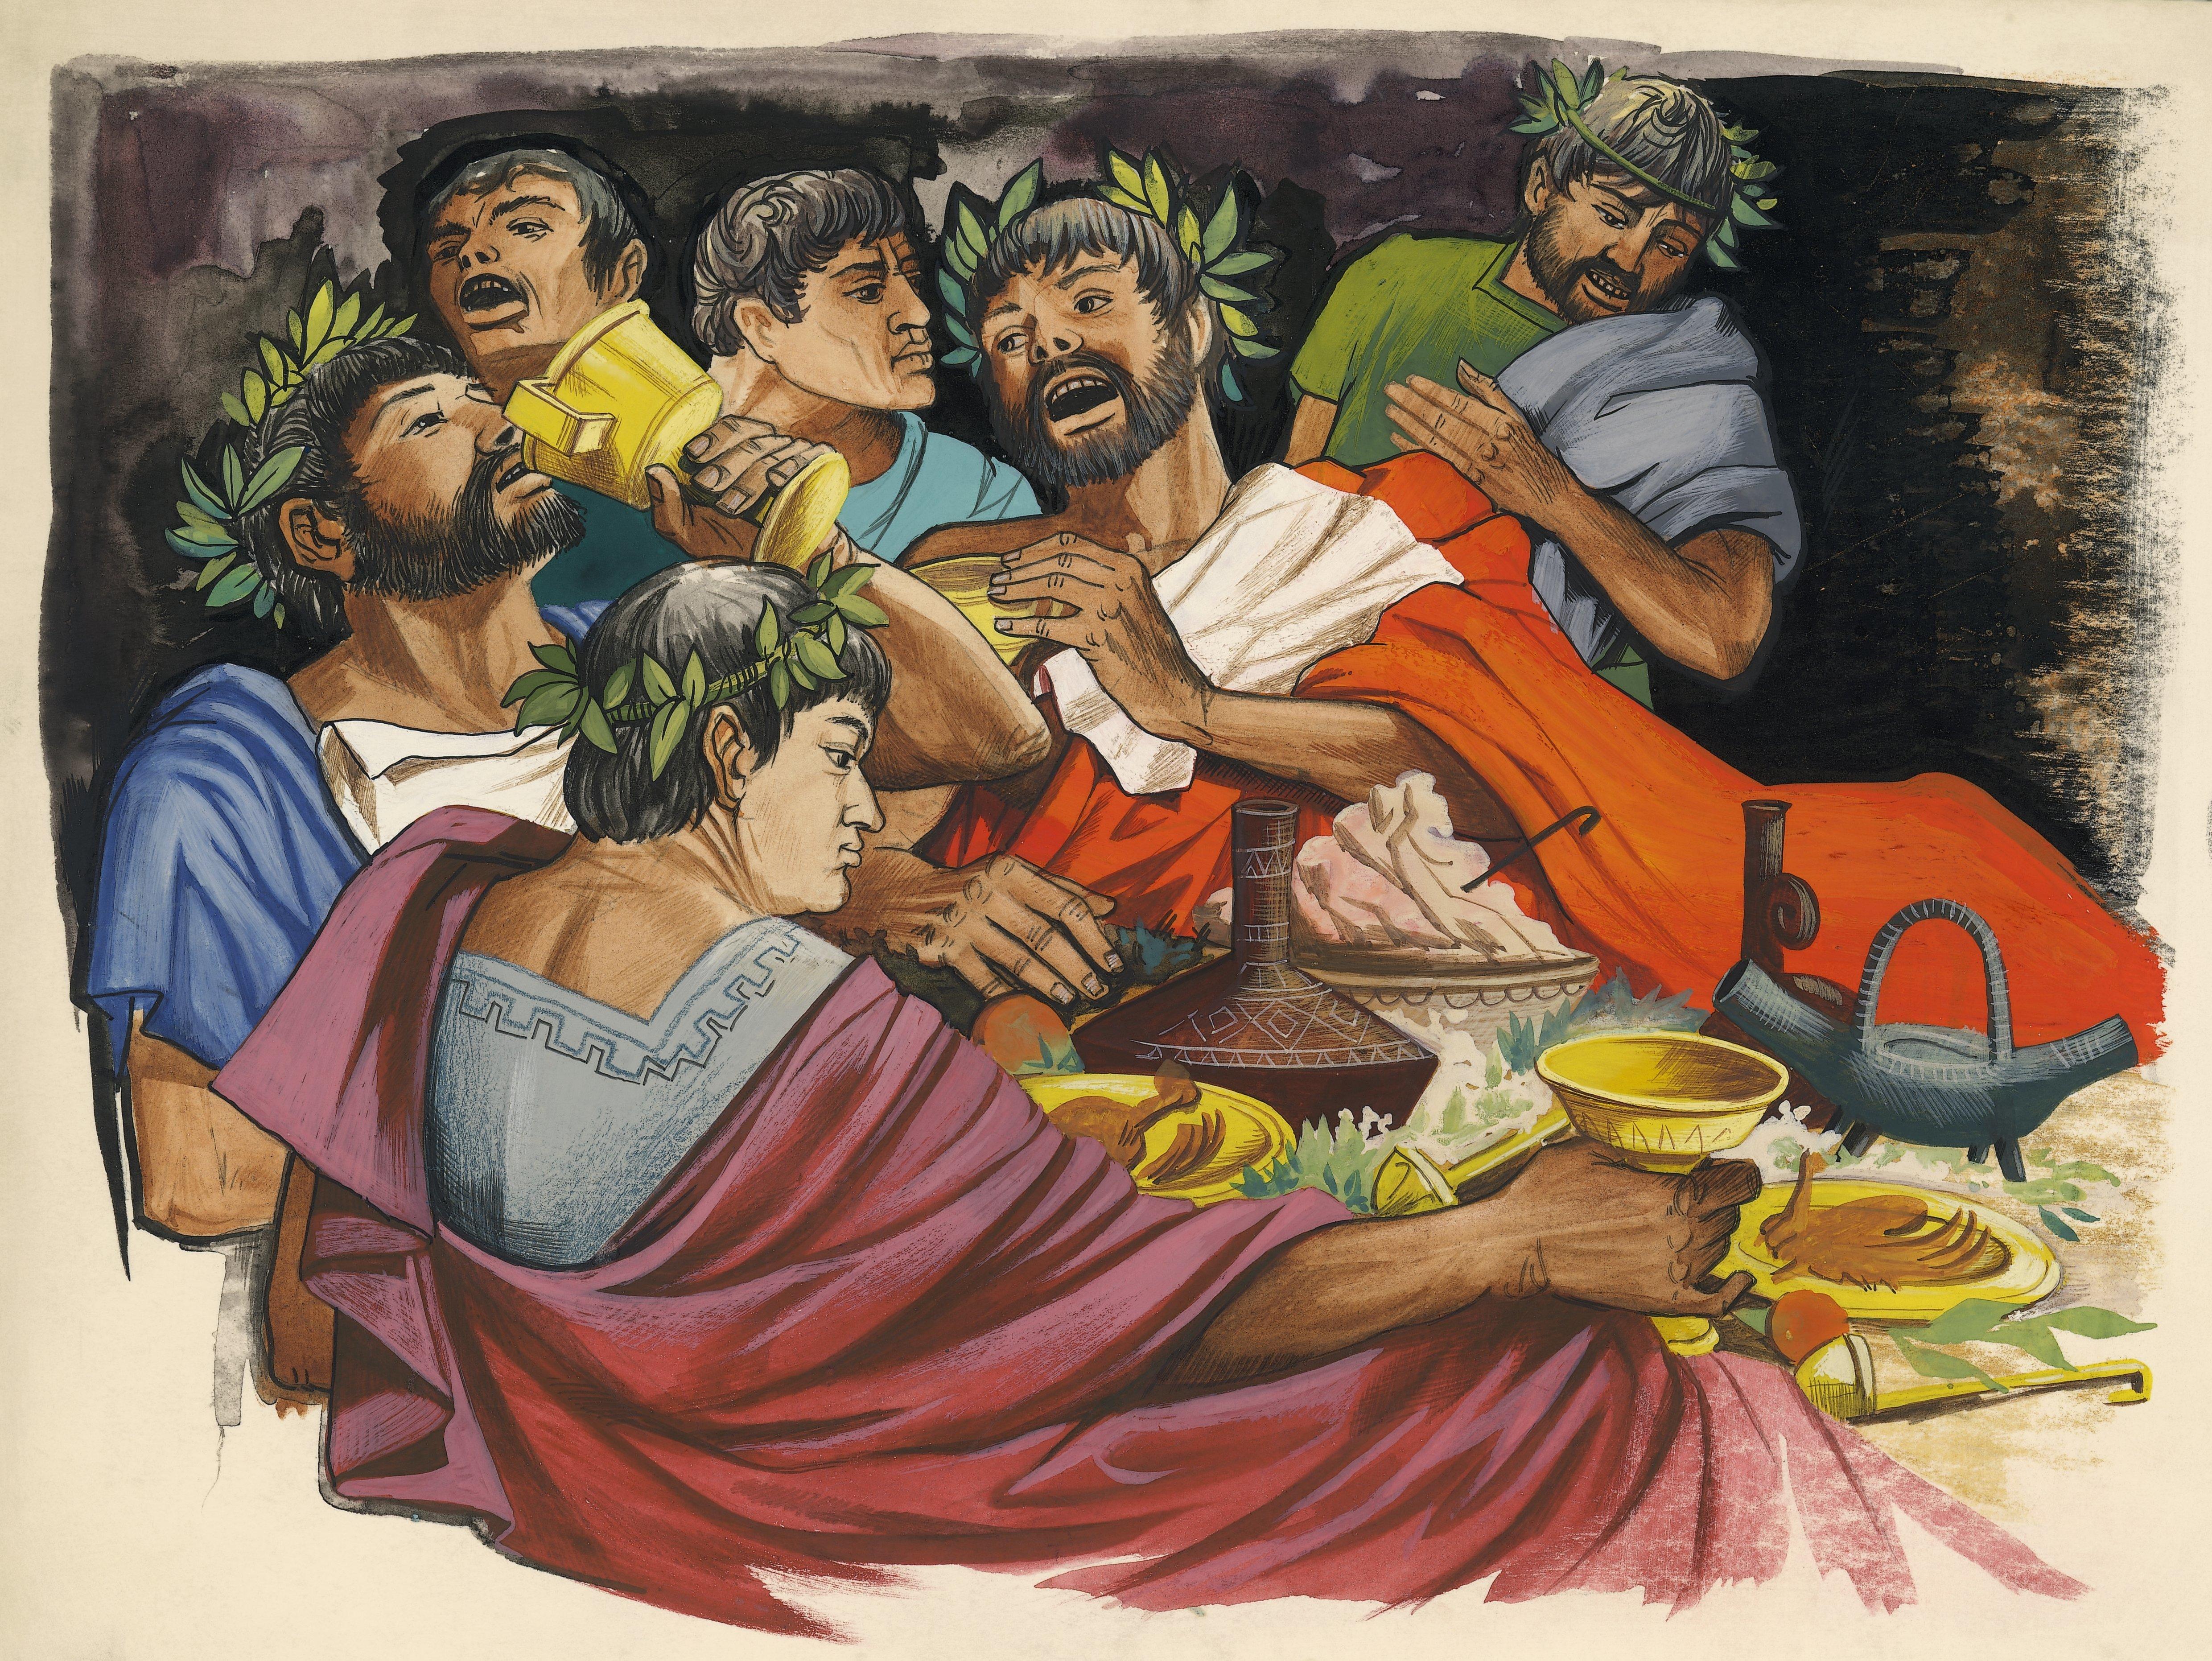 Τι τρώγαν οι αρχαίοι;